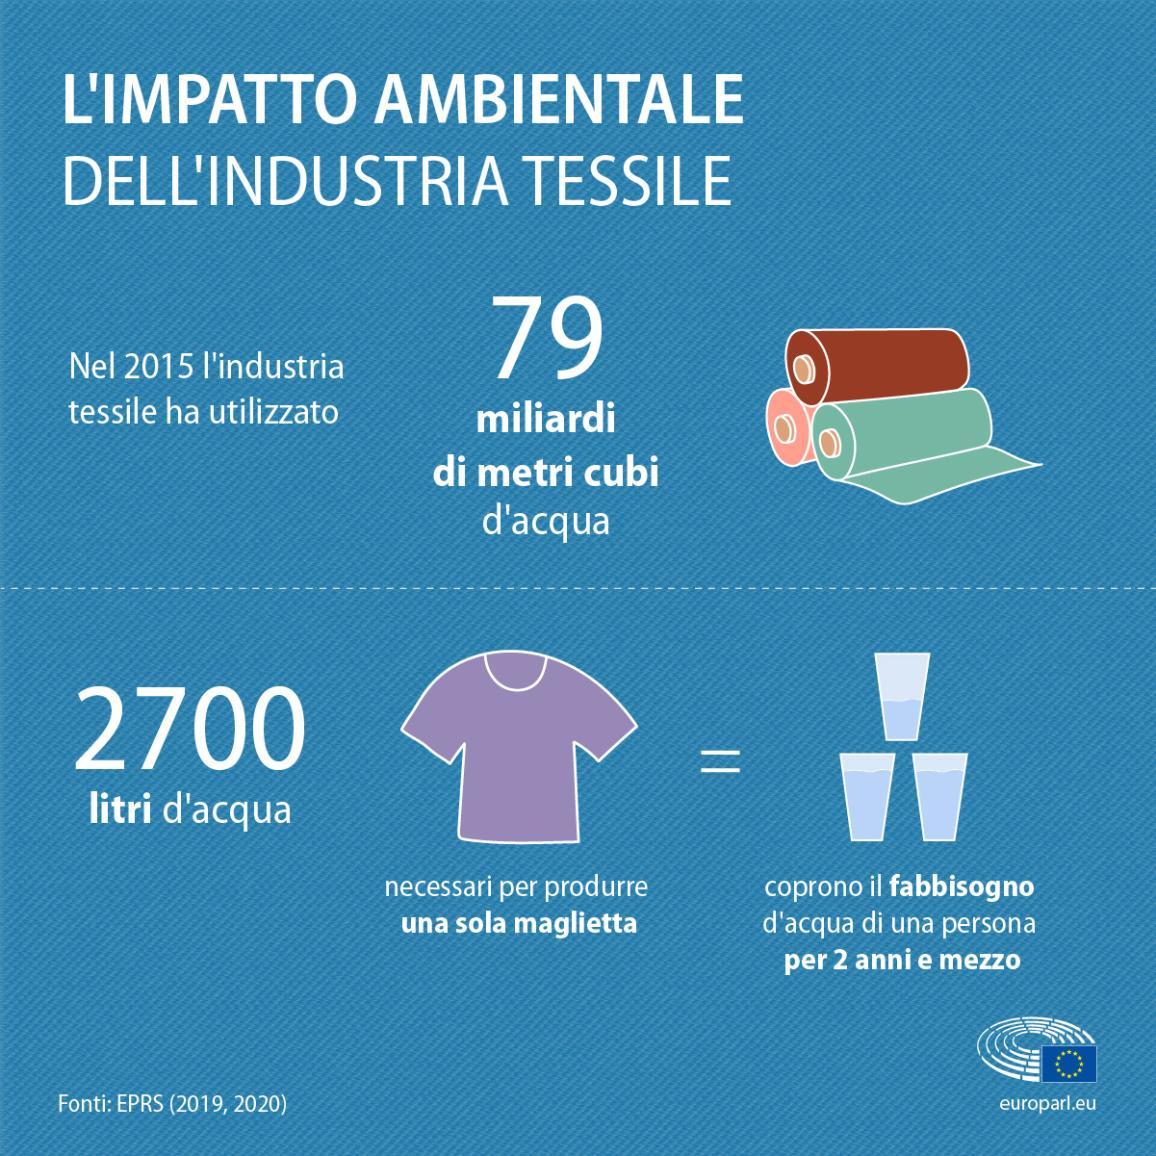 Infografica con dati e informazioni sull'impatto ambientale dell'industria tessile